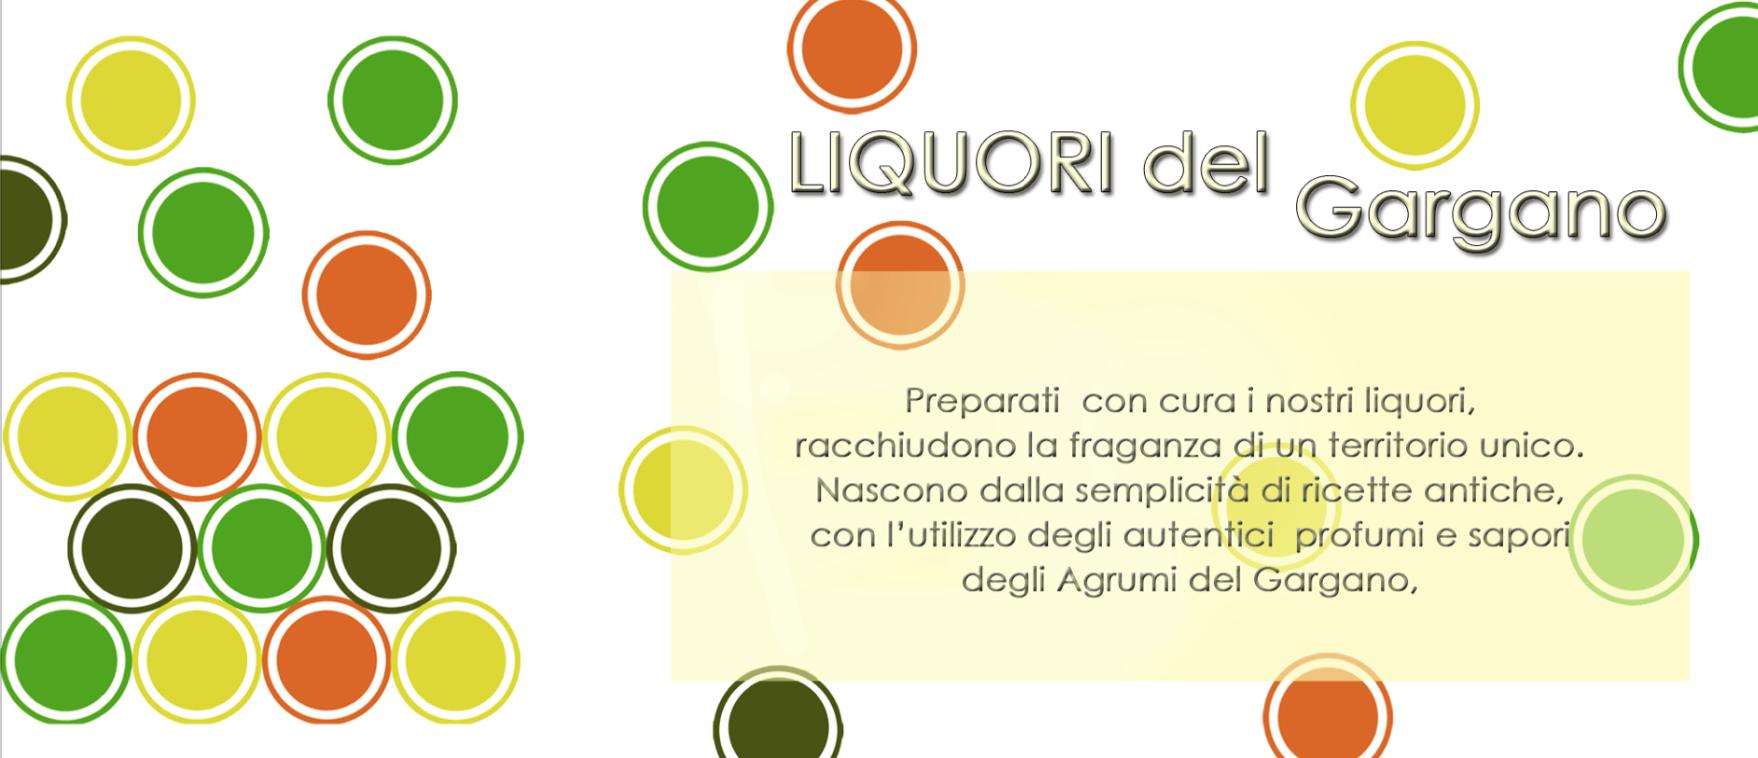 Liquori del Gargano